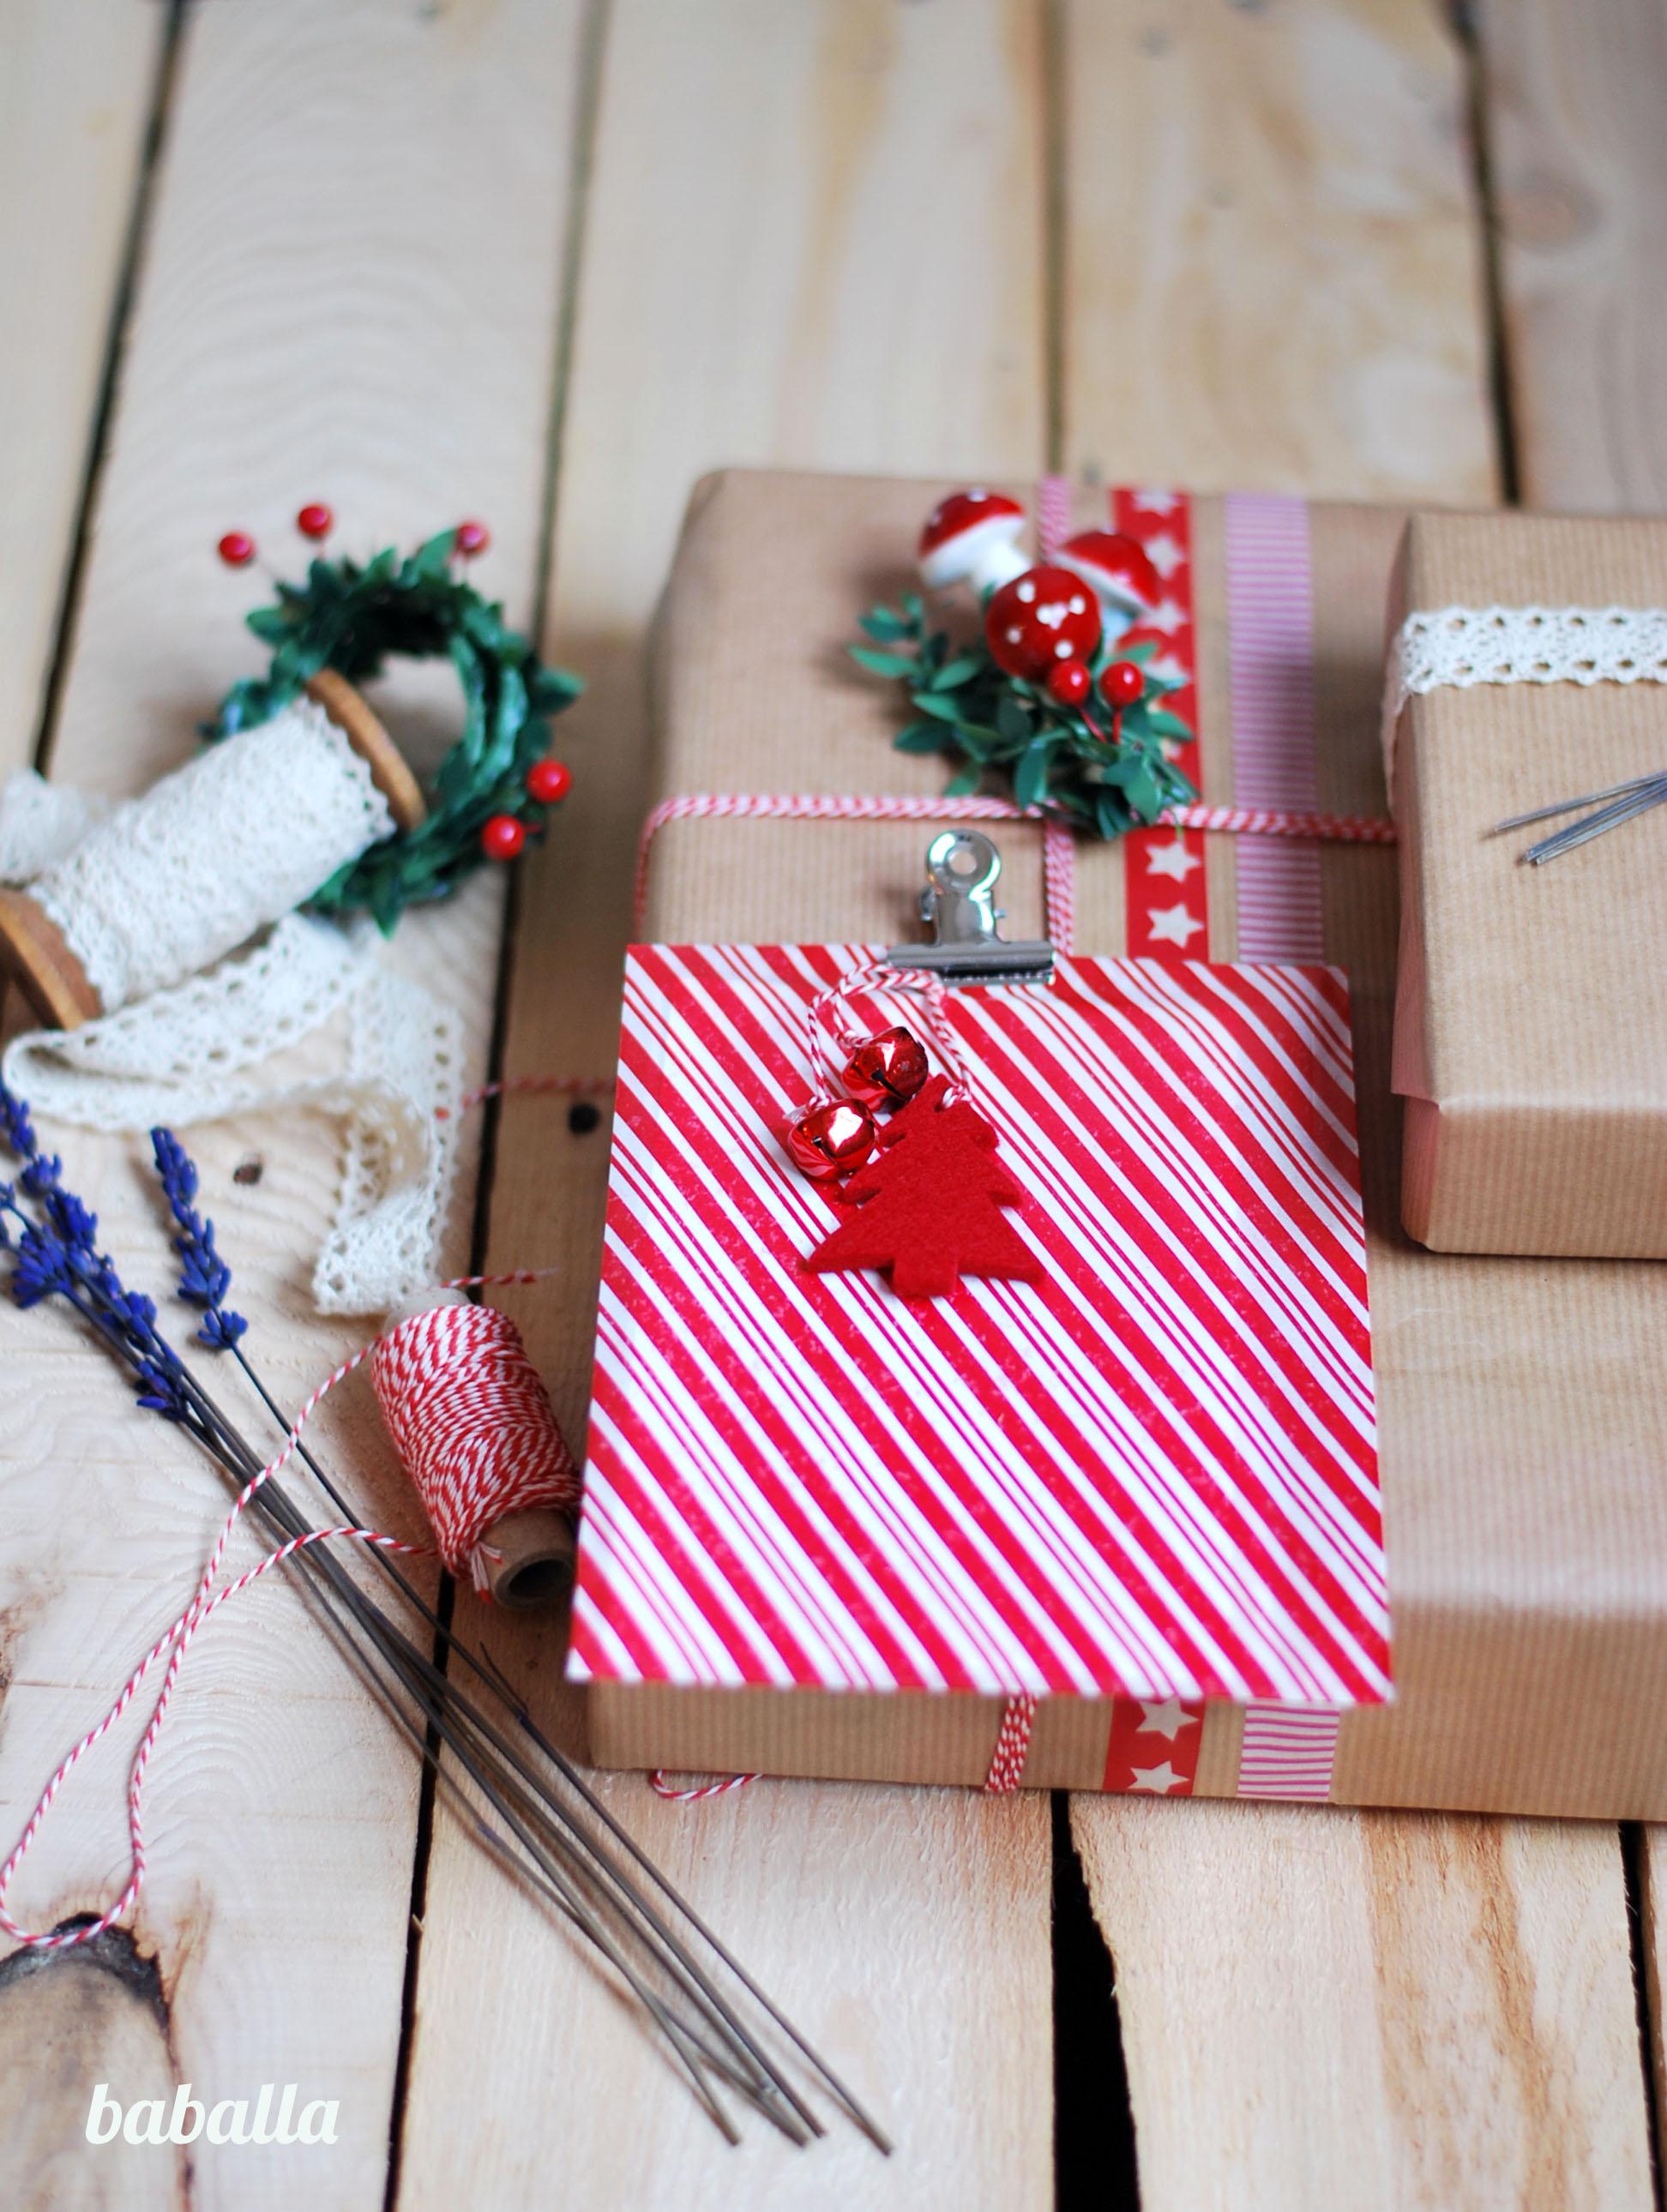 empaquetar regalos de navidad de forma original empaquetar